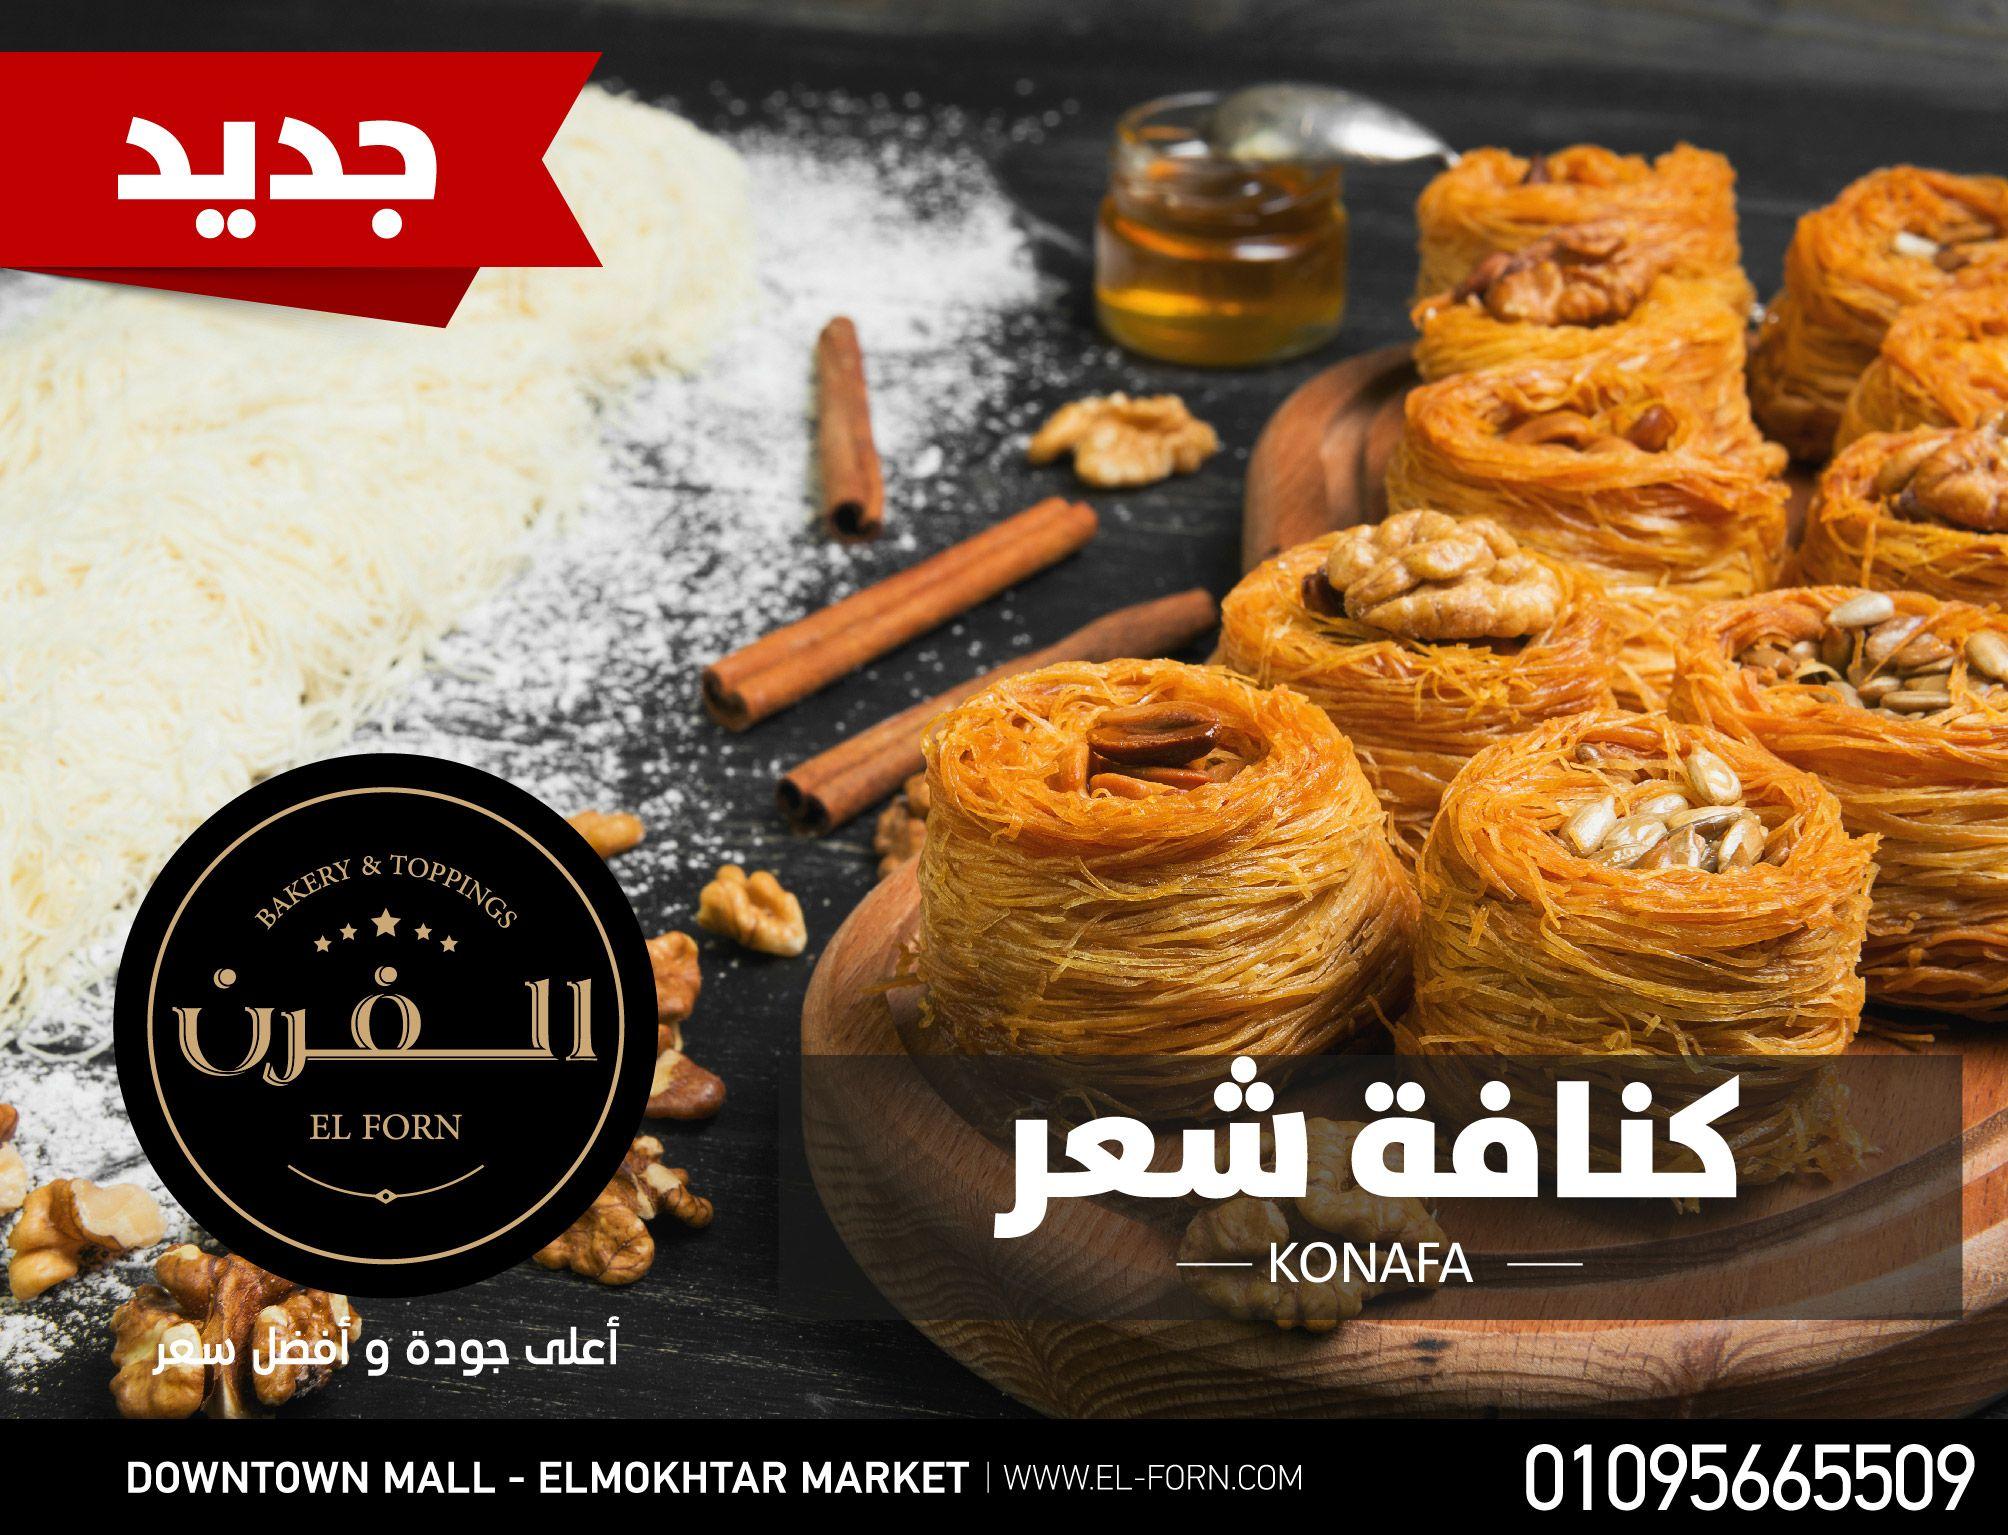 مفيش زي البيتي كنافة شعر جديد من الفرن للمزيد اتصل ب01095665509 الفرن كنافه كنافة رمضان كريم رمضان حلويات Bakery Toppings Ramadan